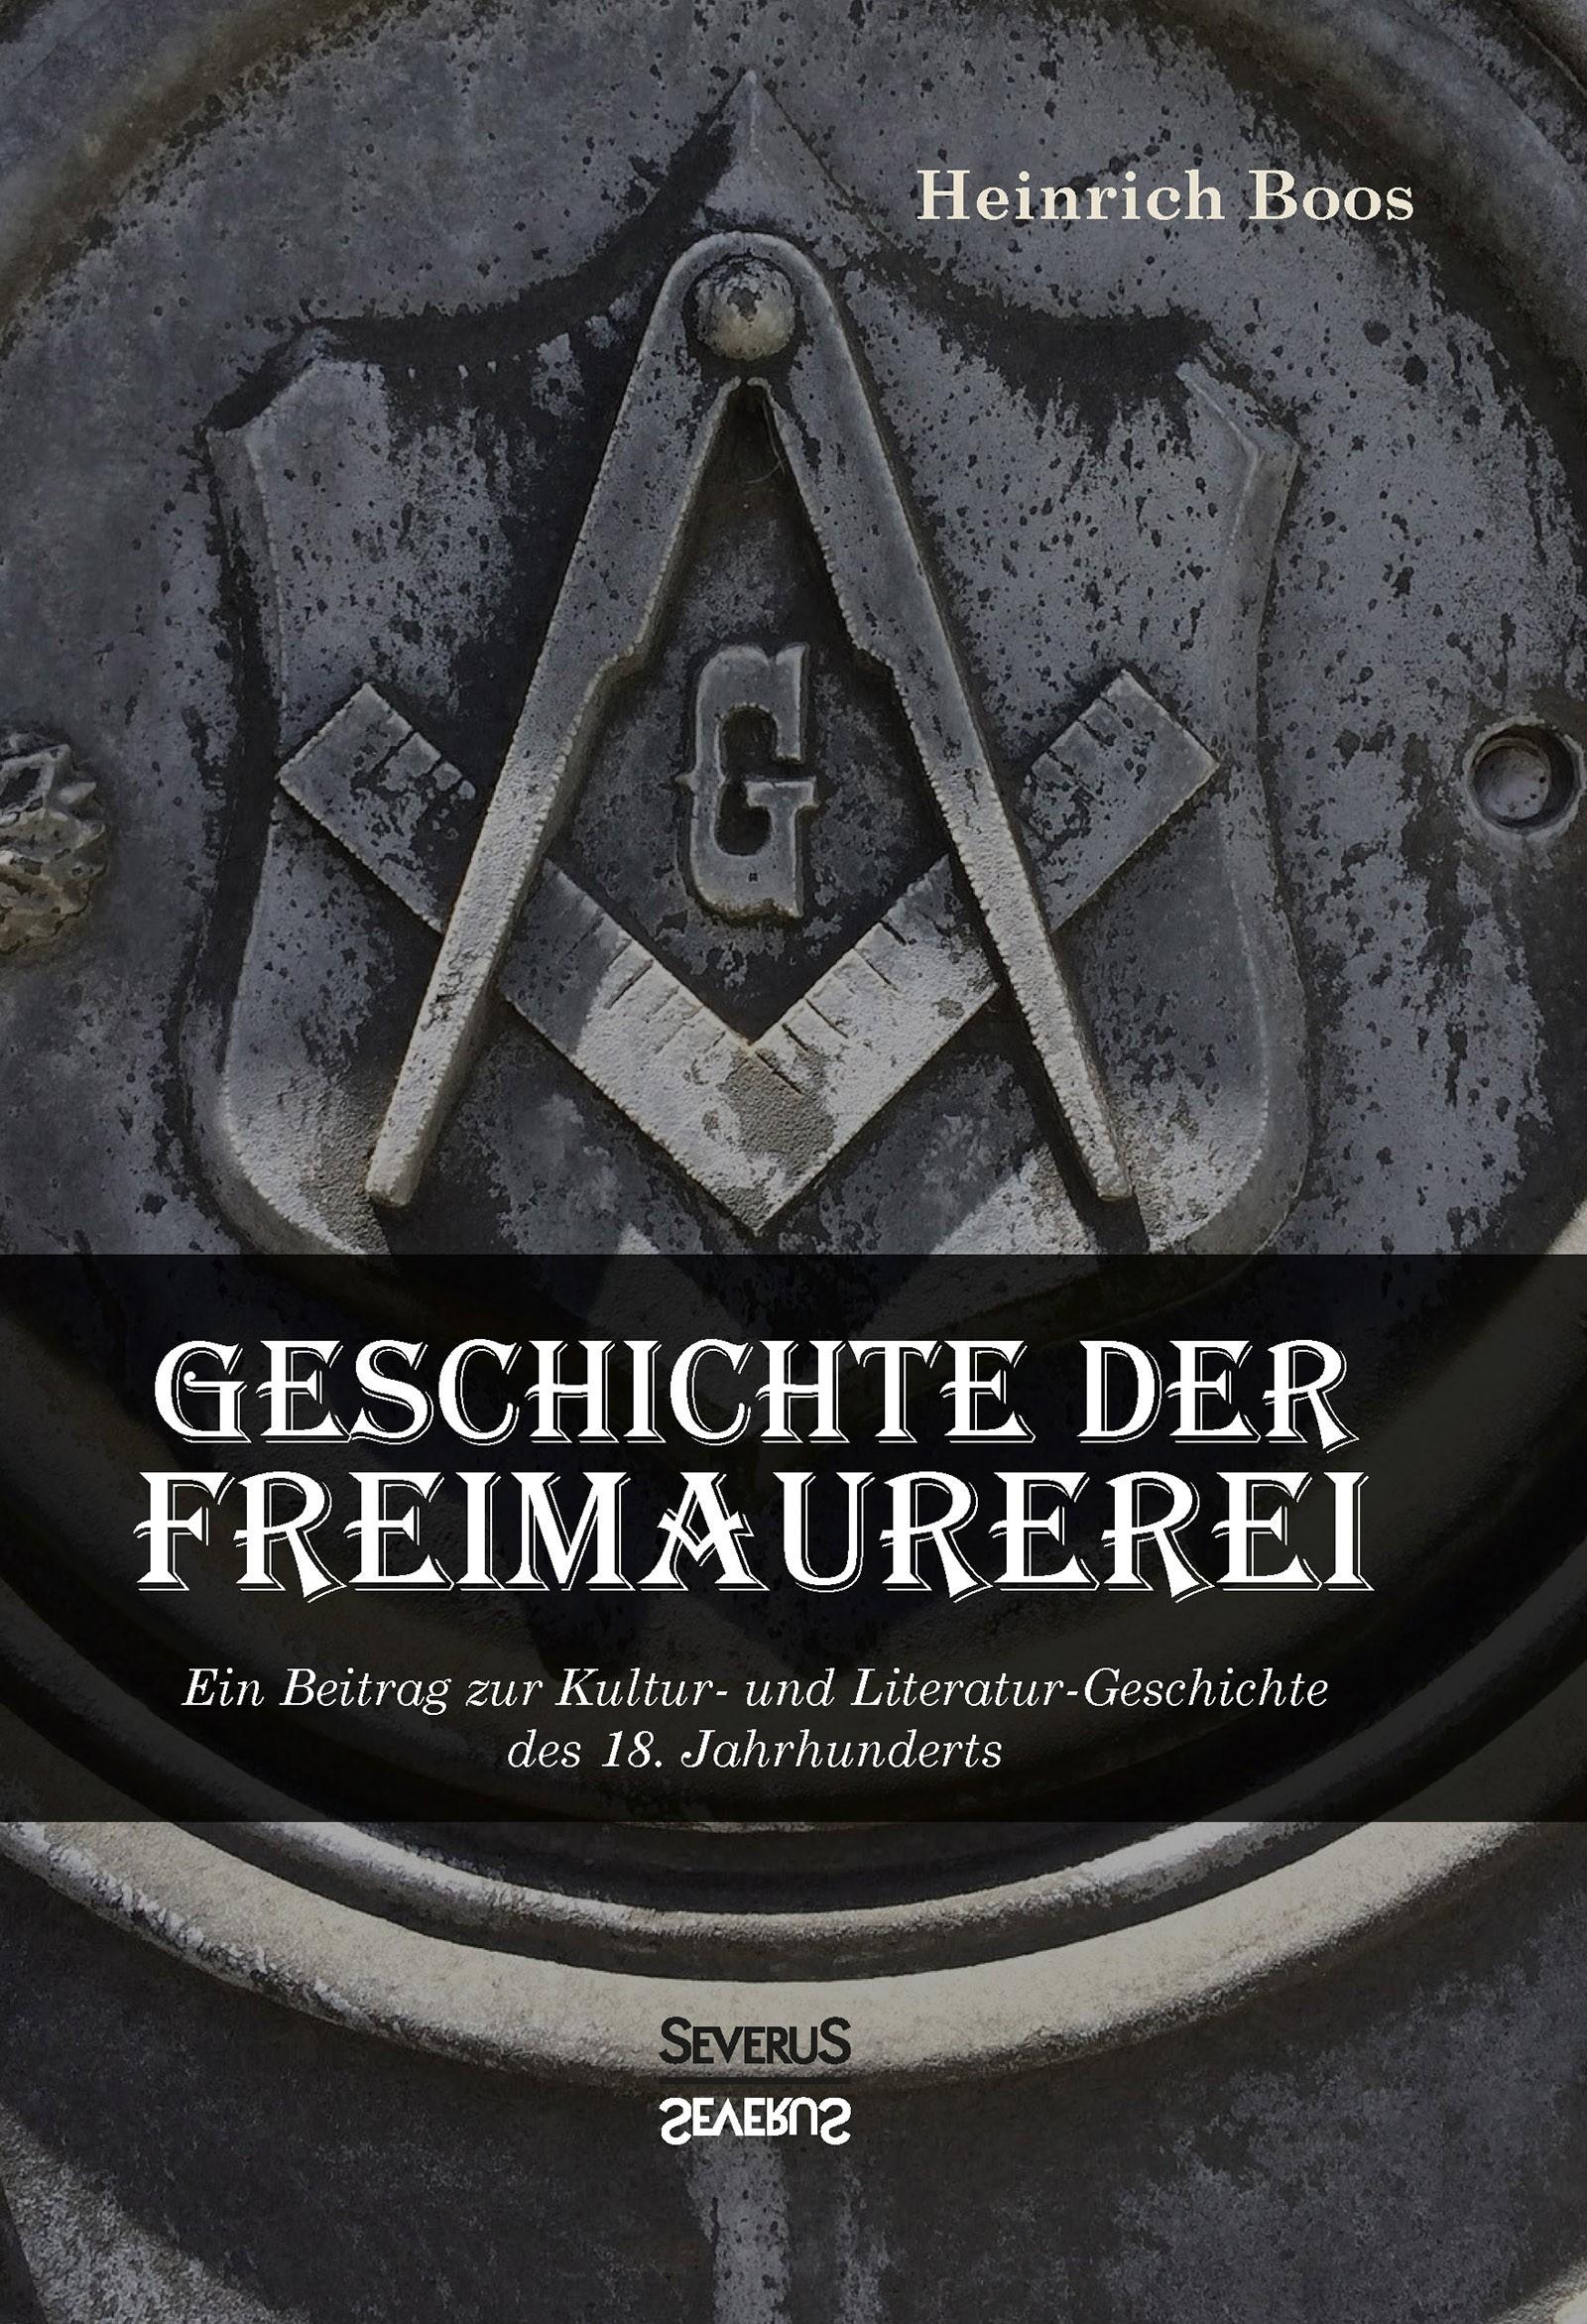 Geschichte der Freimaurerei: Ein Beitrag zur Kultur- und Literatur-Geschichte des 18. Jahrhunderts | Boos | Neuauflage der Originalausgabe, 2016 | Buch (Cover)